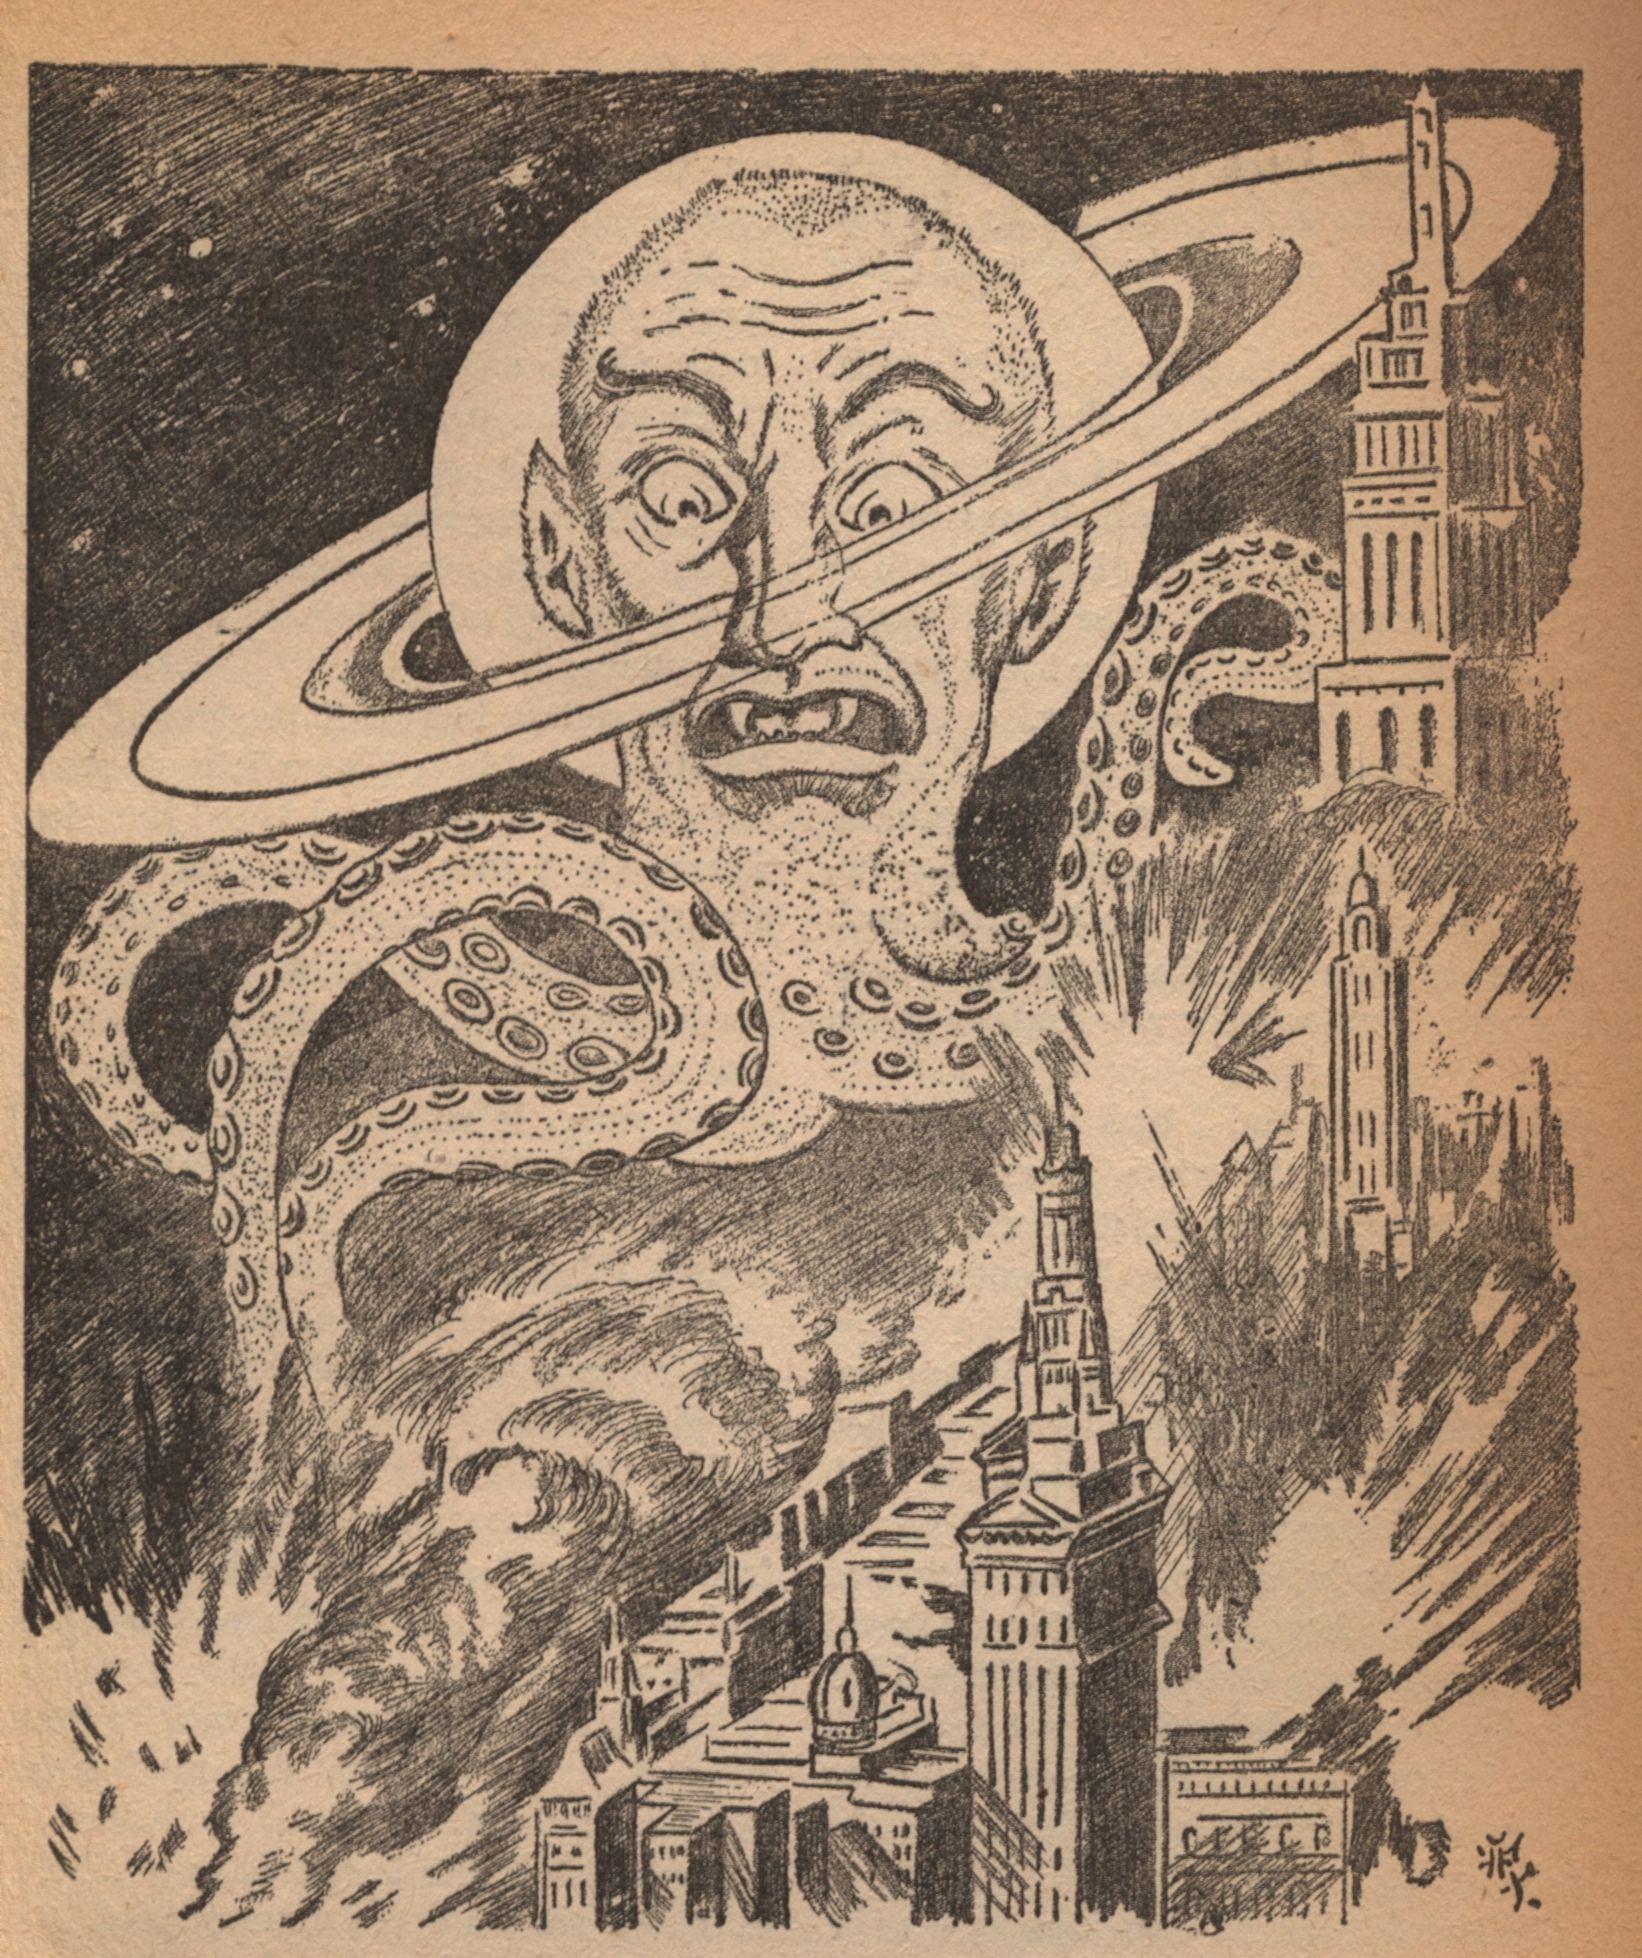 Art From Weird Tales - July, 1942